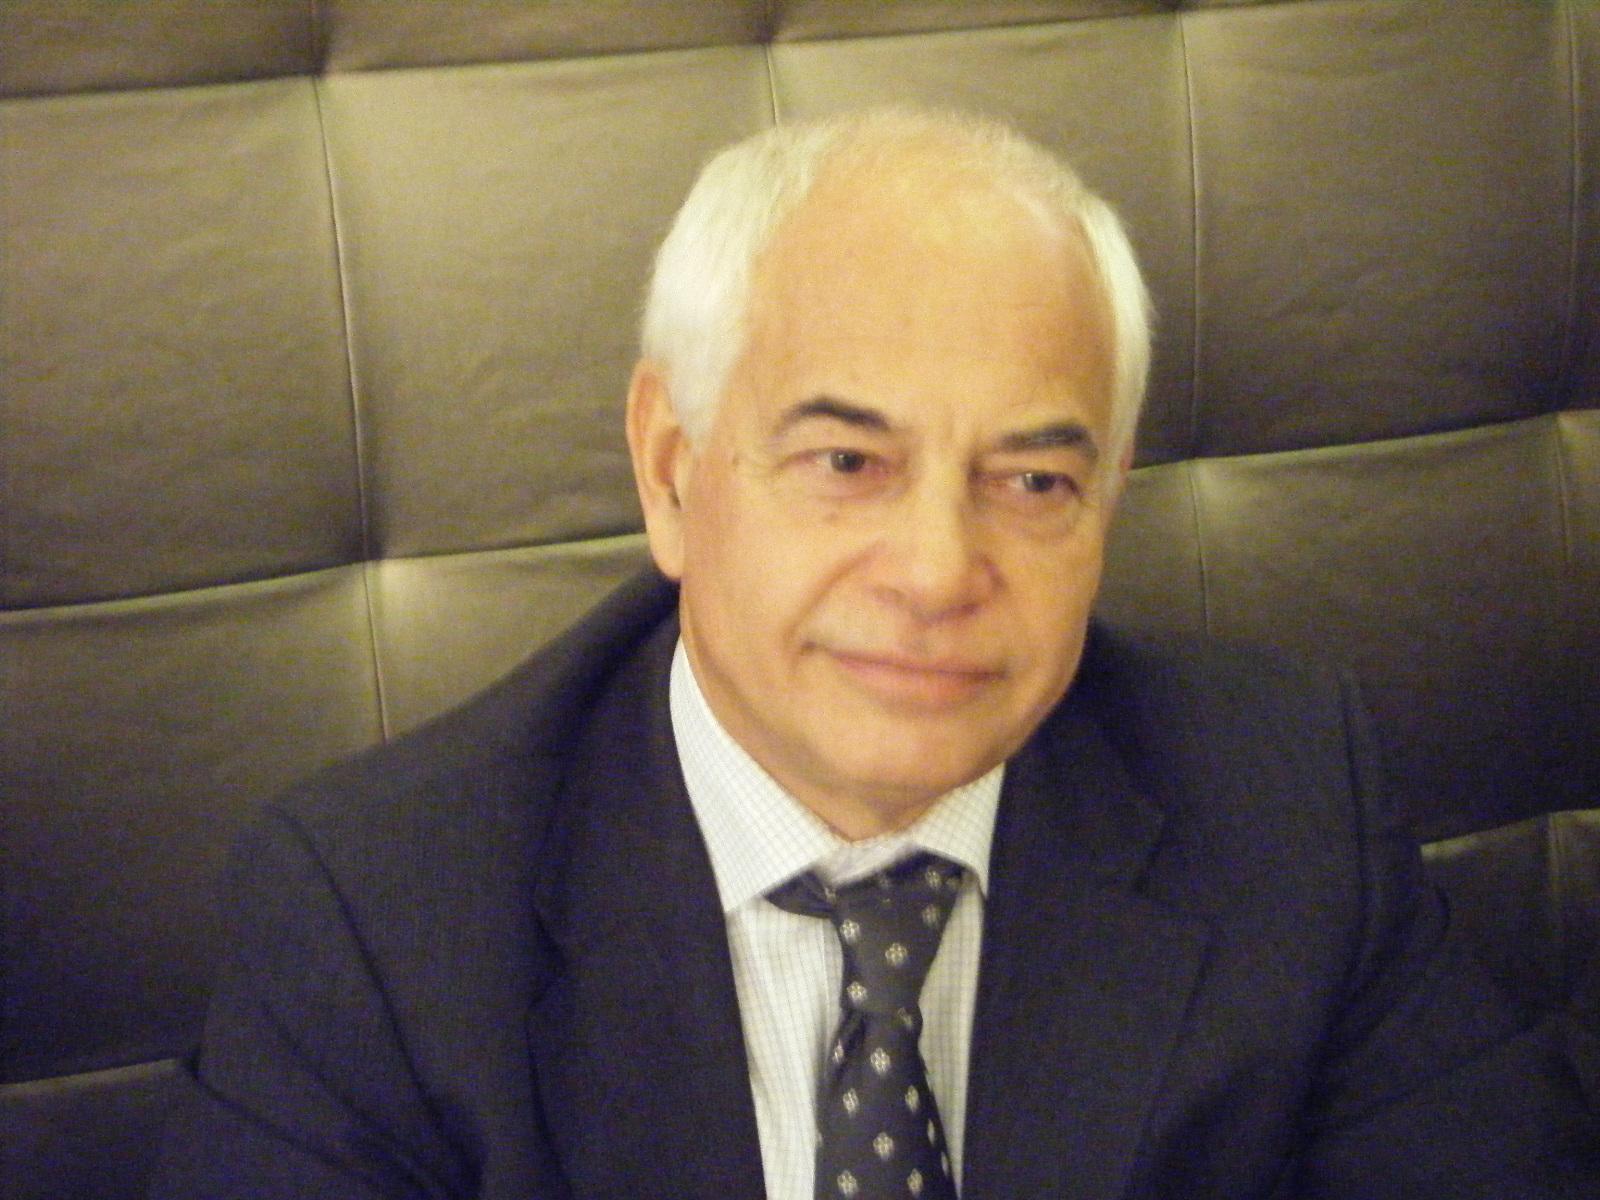 intervista a Concredito tramite il fondatore Gianfranco antognoli